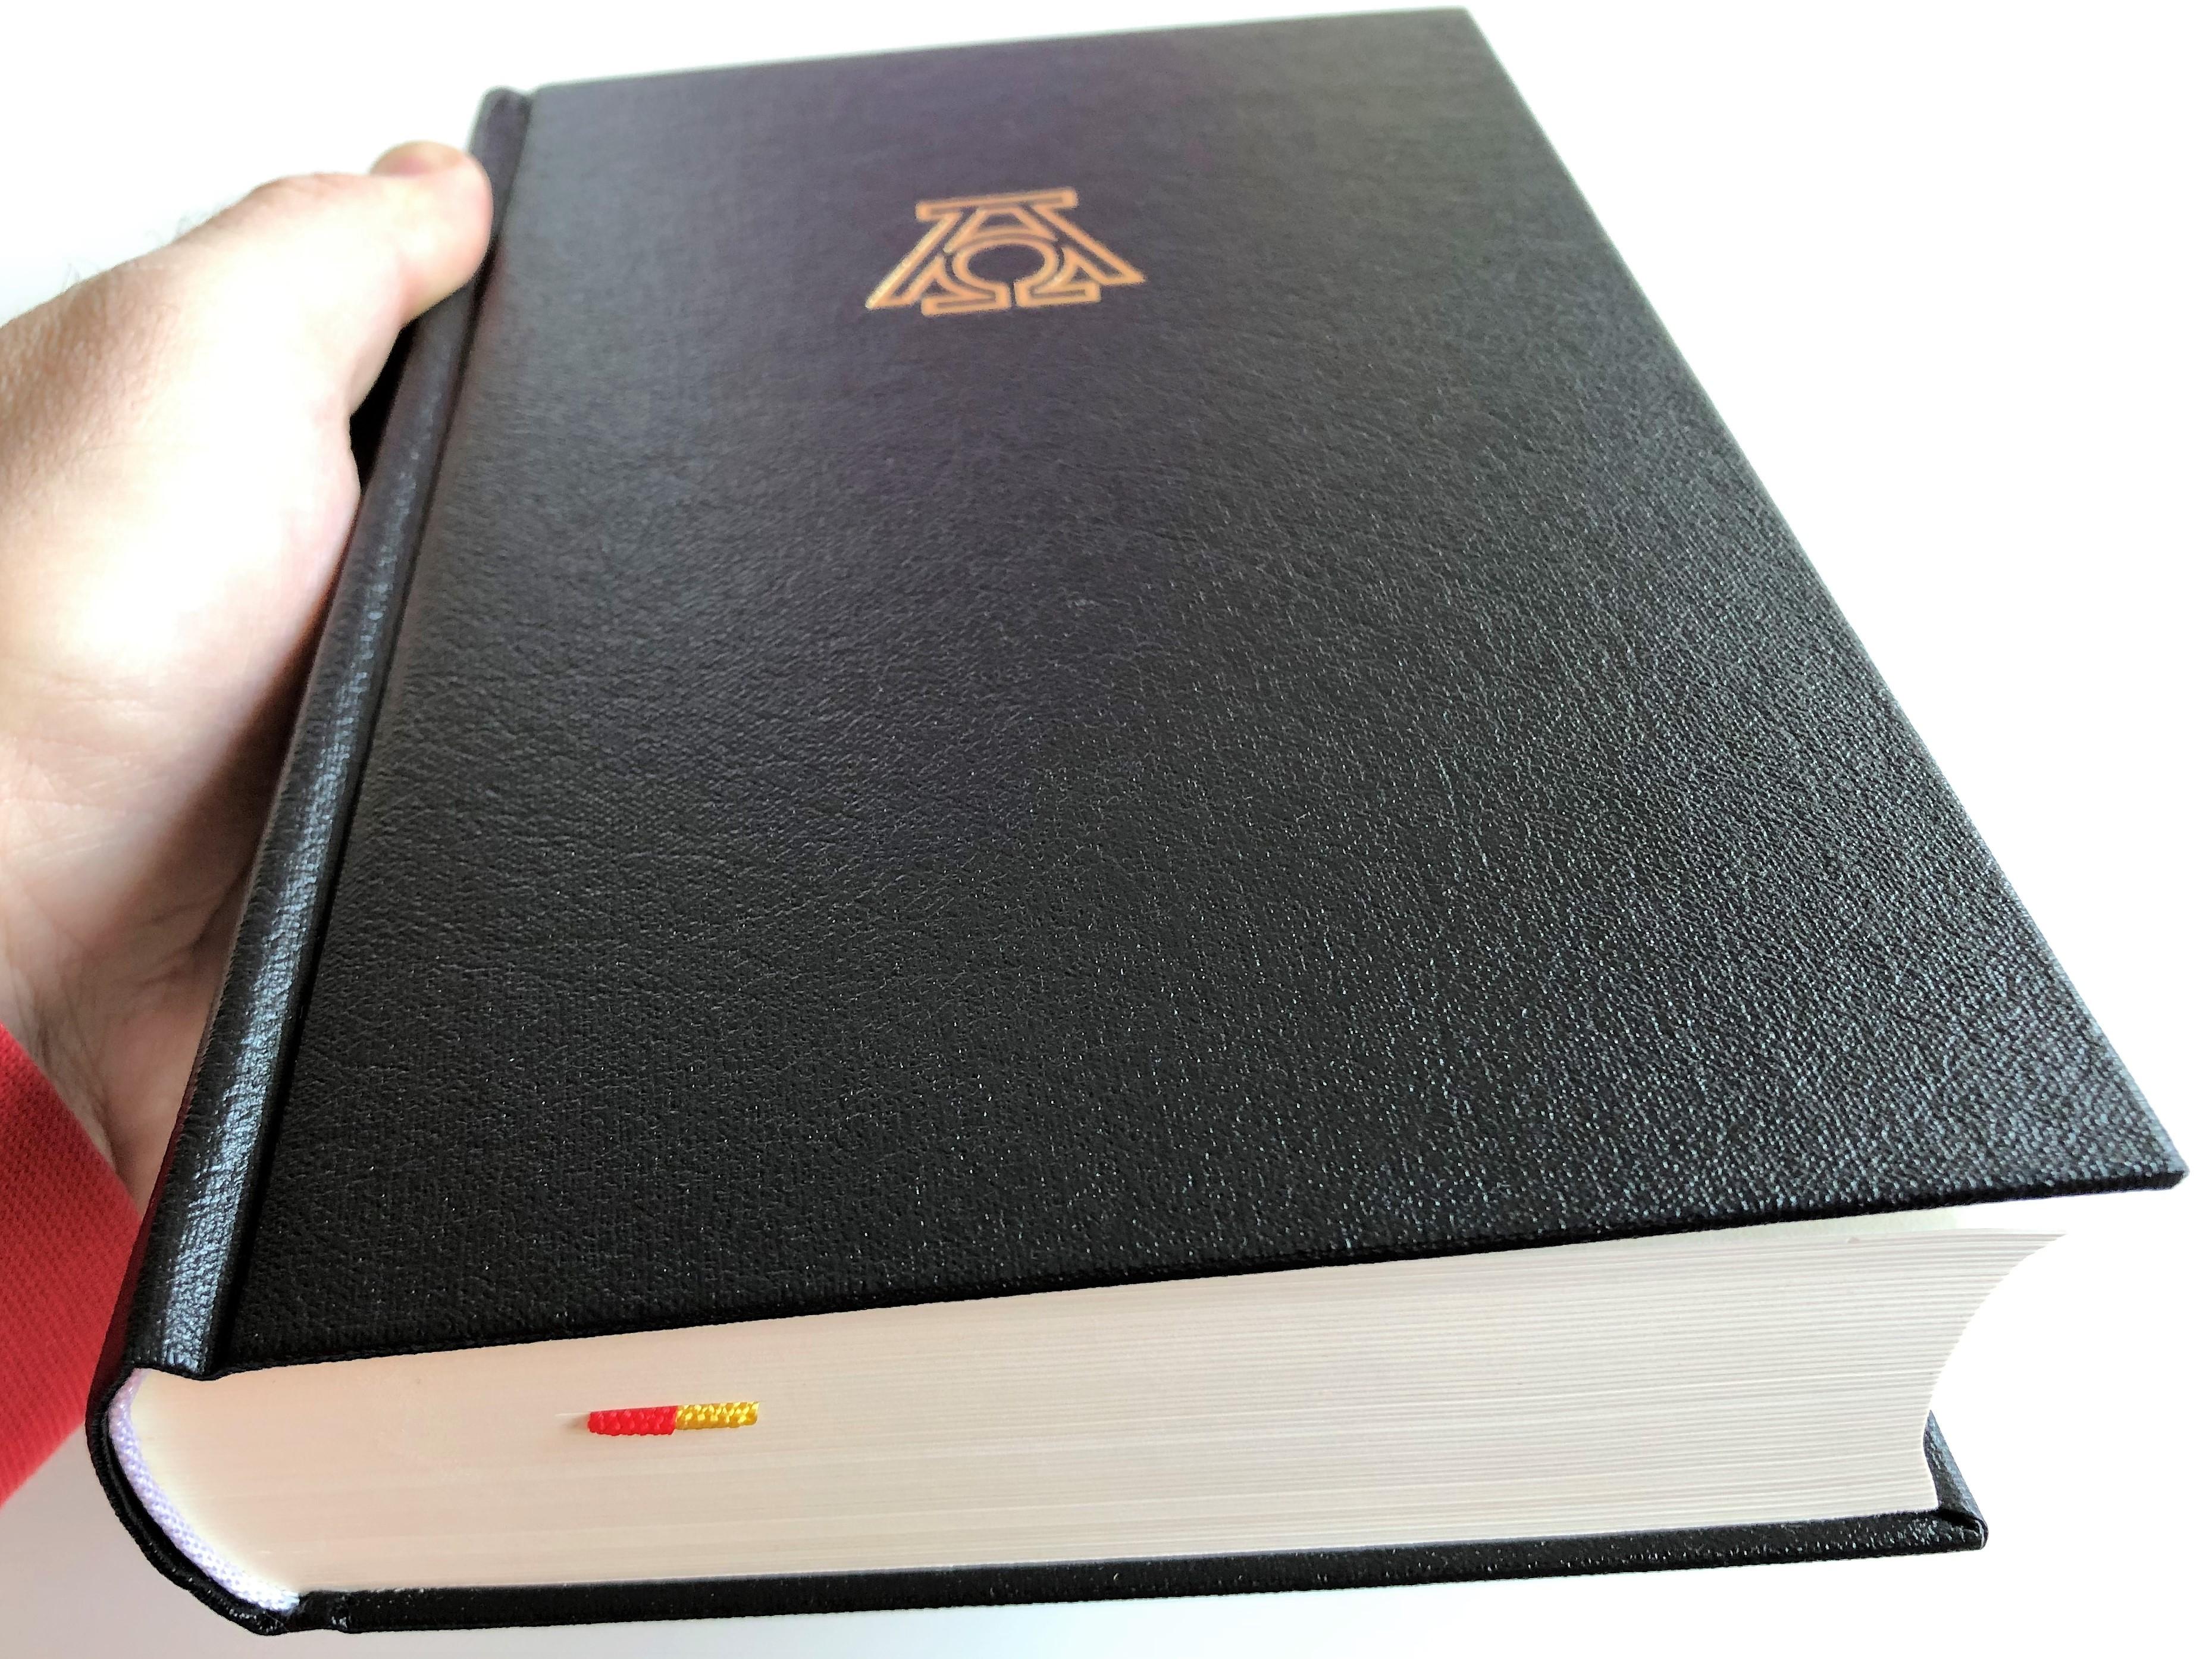 german-bible-die-bibel-die-heilige-schrift-ausgabe-von-1545-3-.jpg